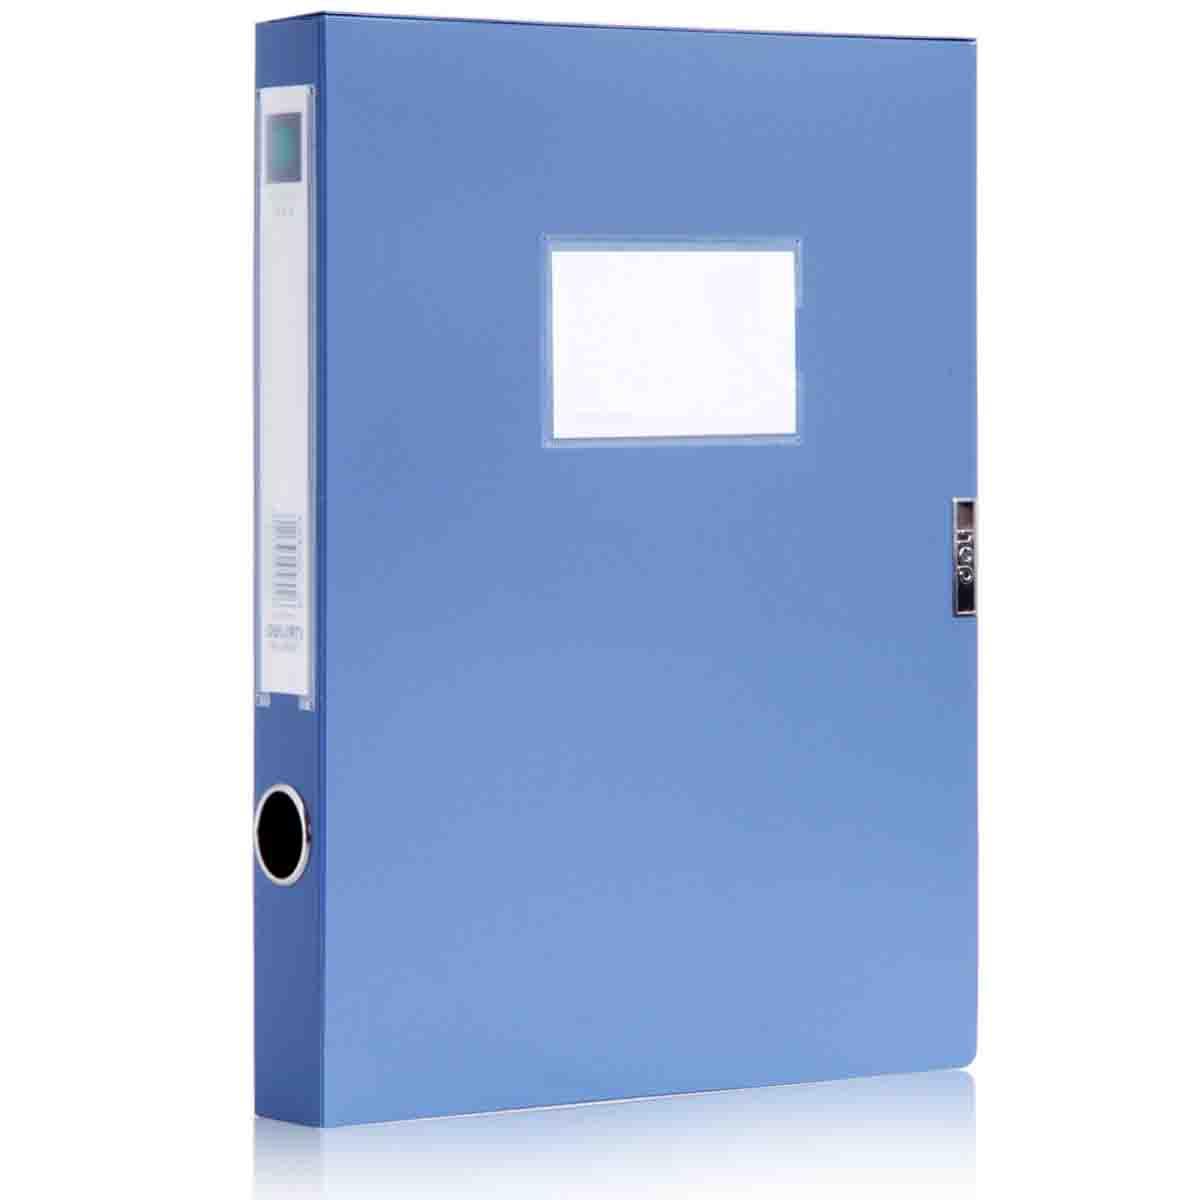 代理石家庄得力用品 优质档案盒厂家直销